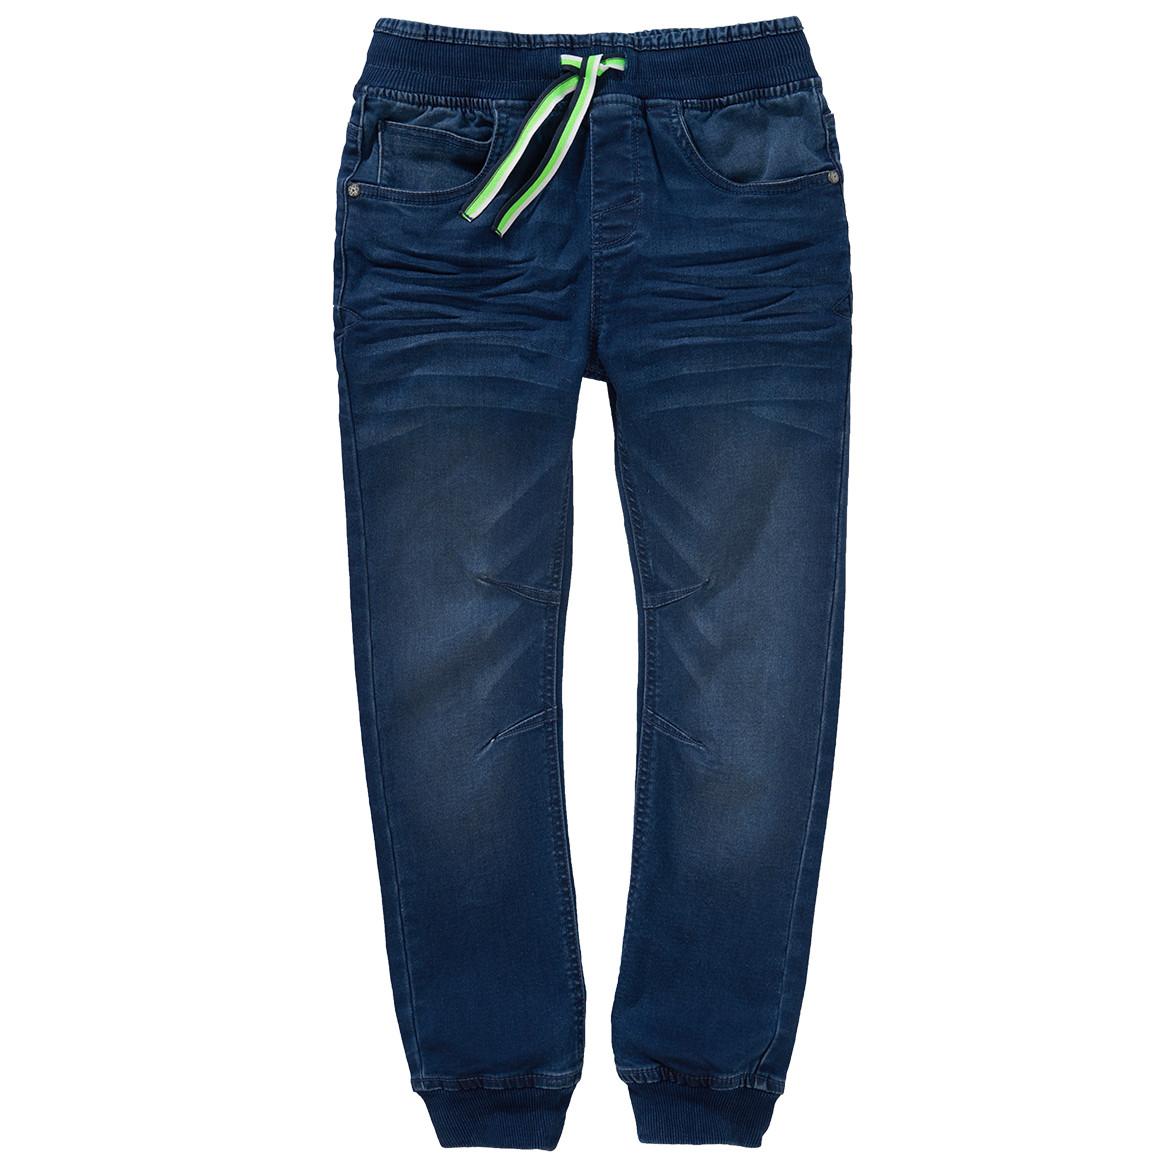 Boyshosen - Jungen Pull on Jeans mit grünen Details - Onlineshop Ernstings family